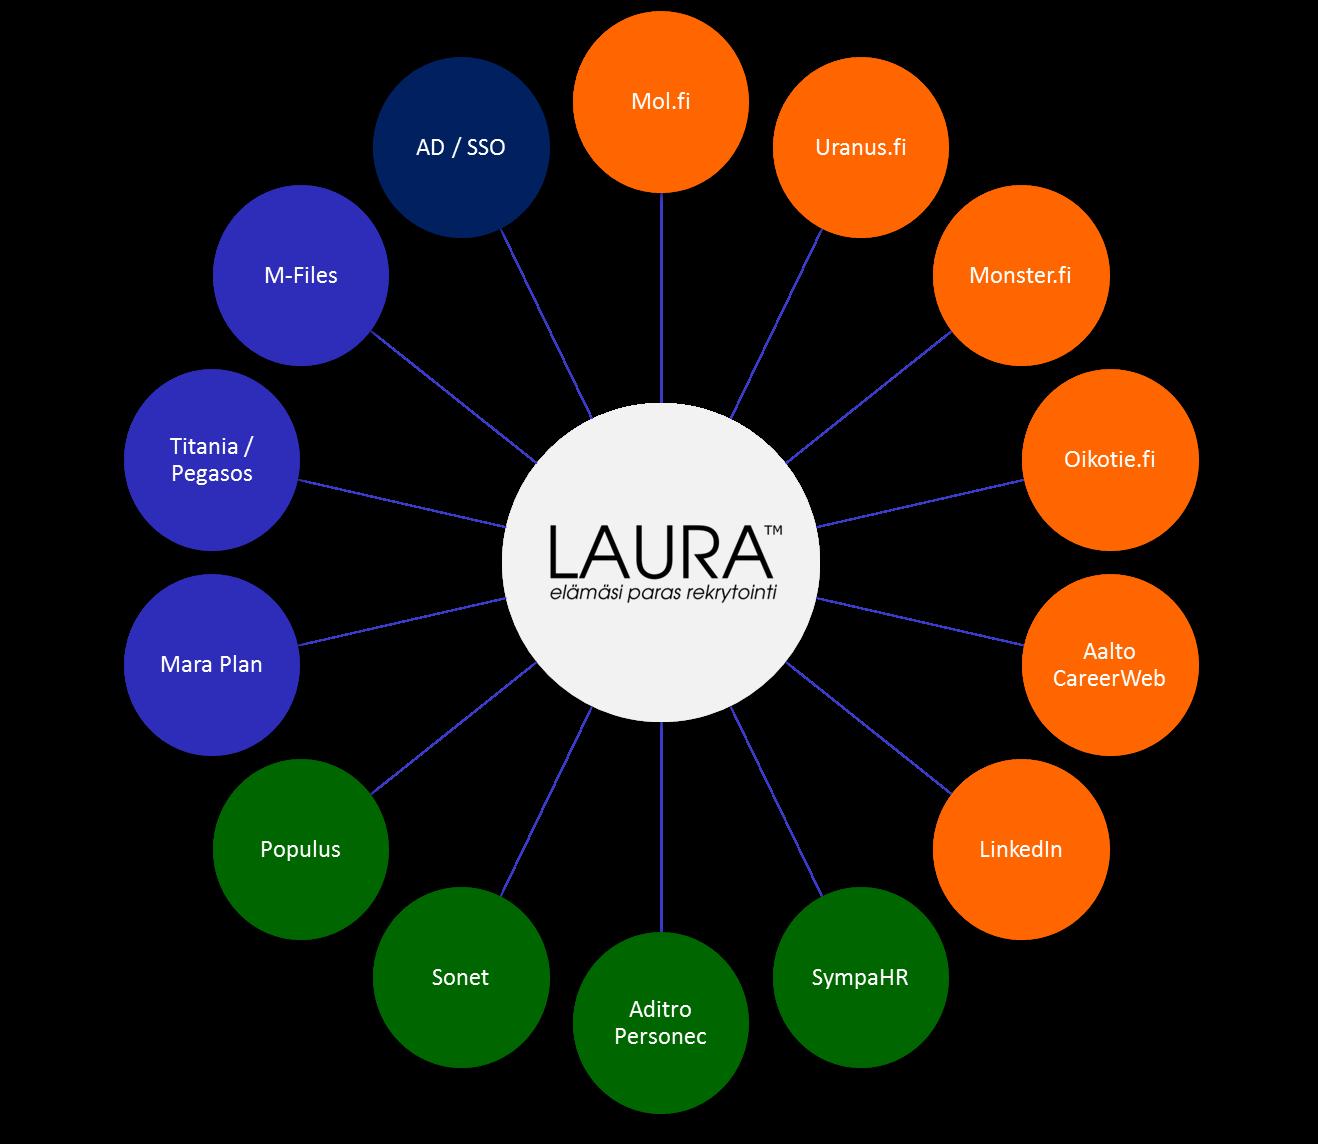 LAURA™ rekrytointijärjestelmä integrointimahdollisuudet